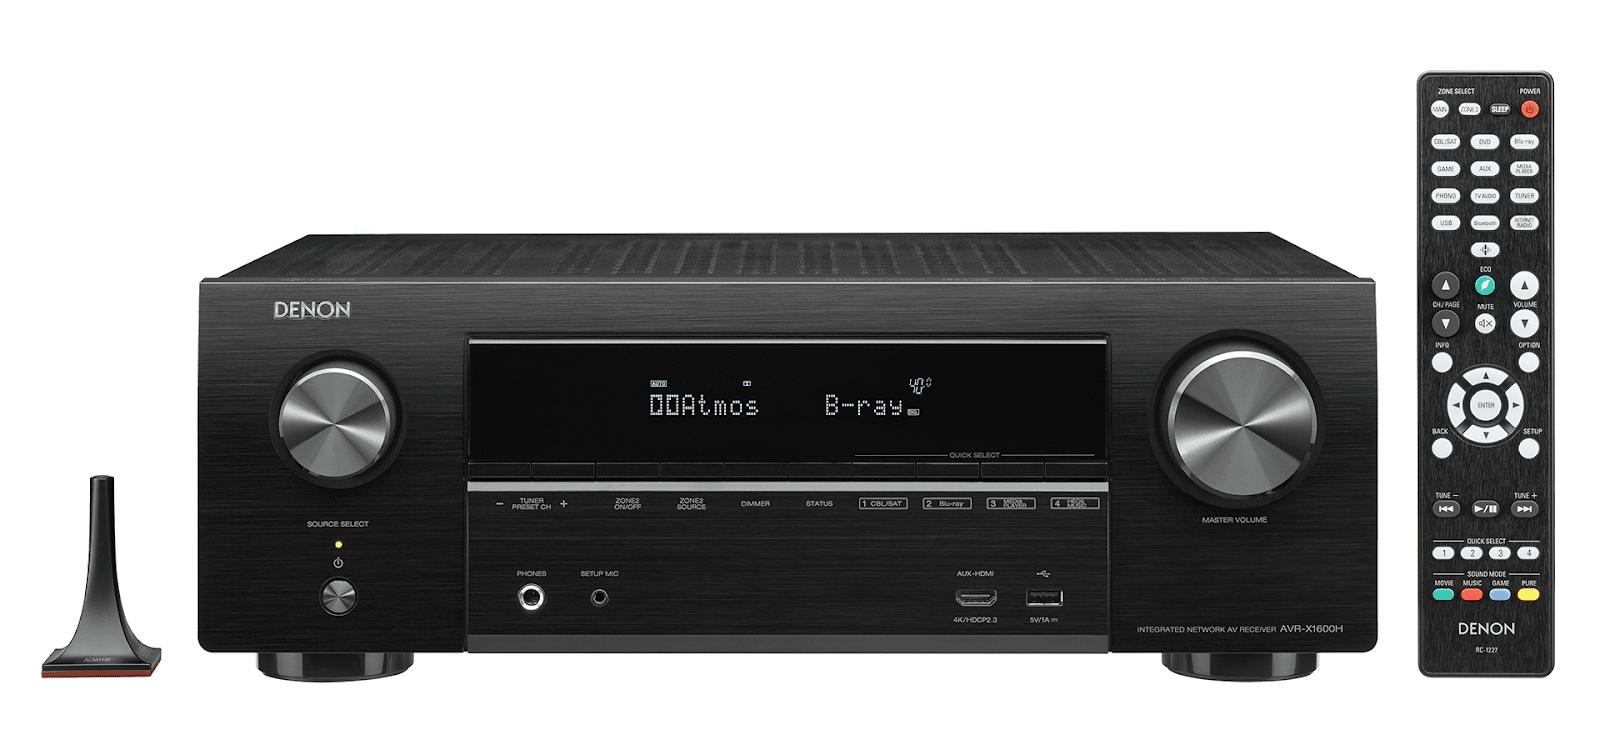 Bộ Amply DenonX1600H + Bộ 5.1 Loa PolkS50 xem phim nghe nhạc tuyệt vời - 2